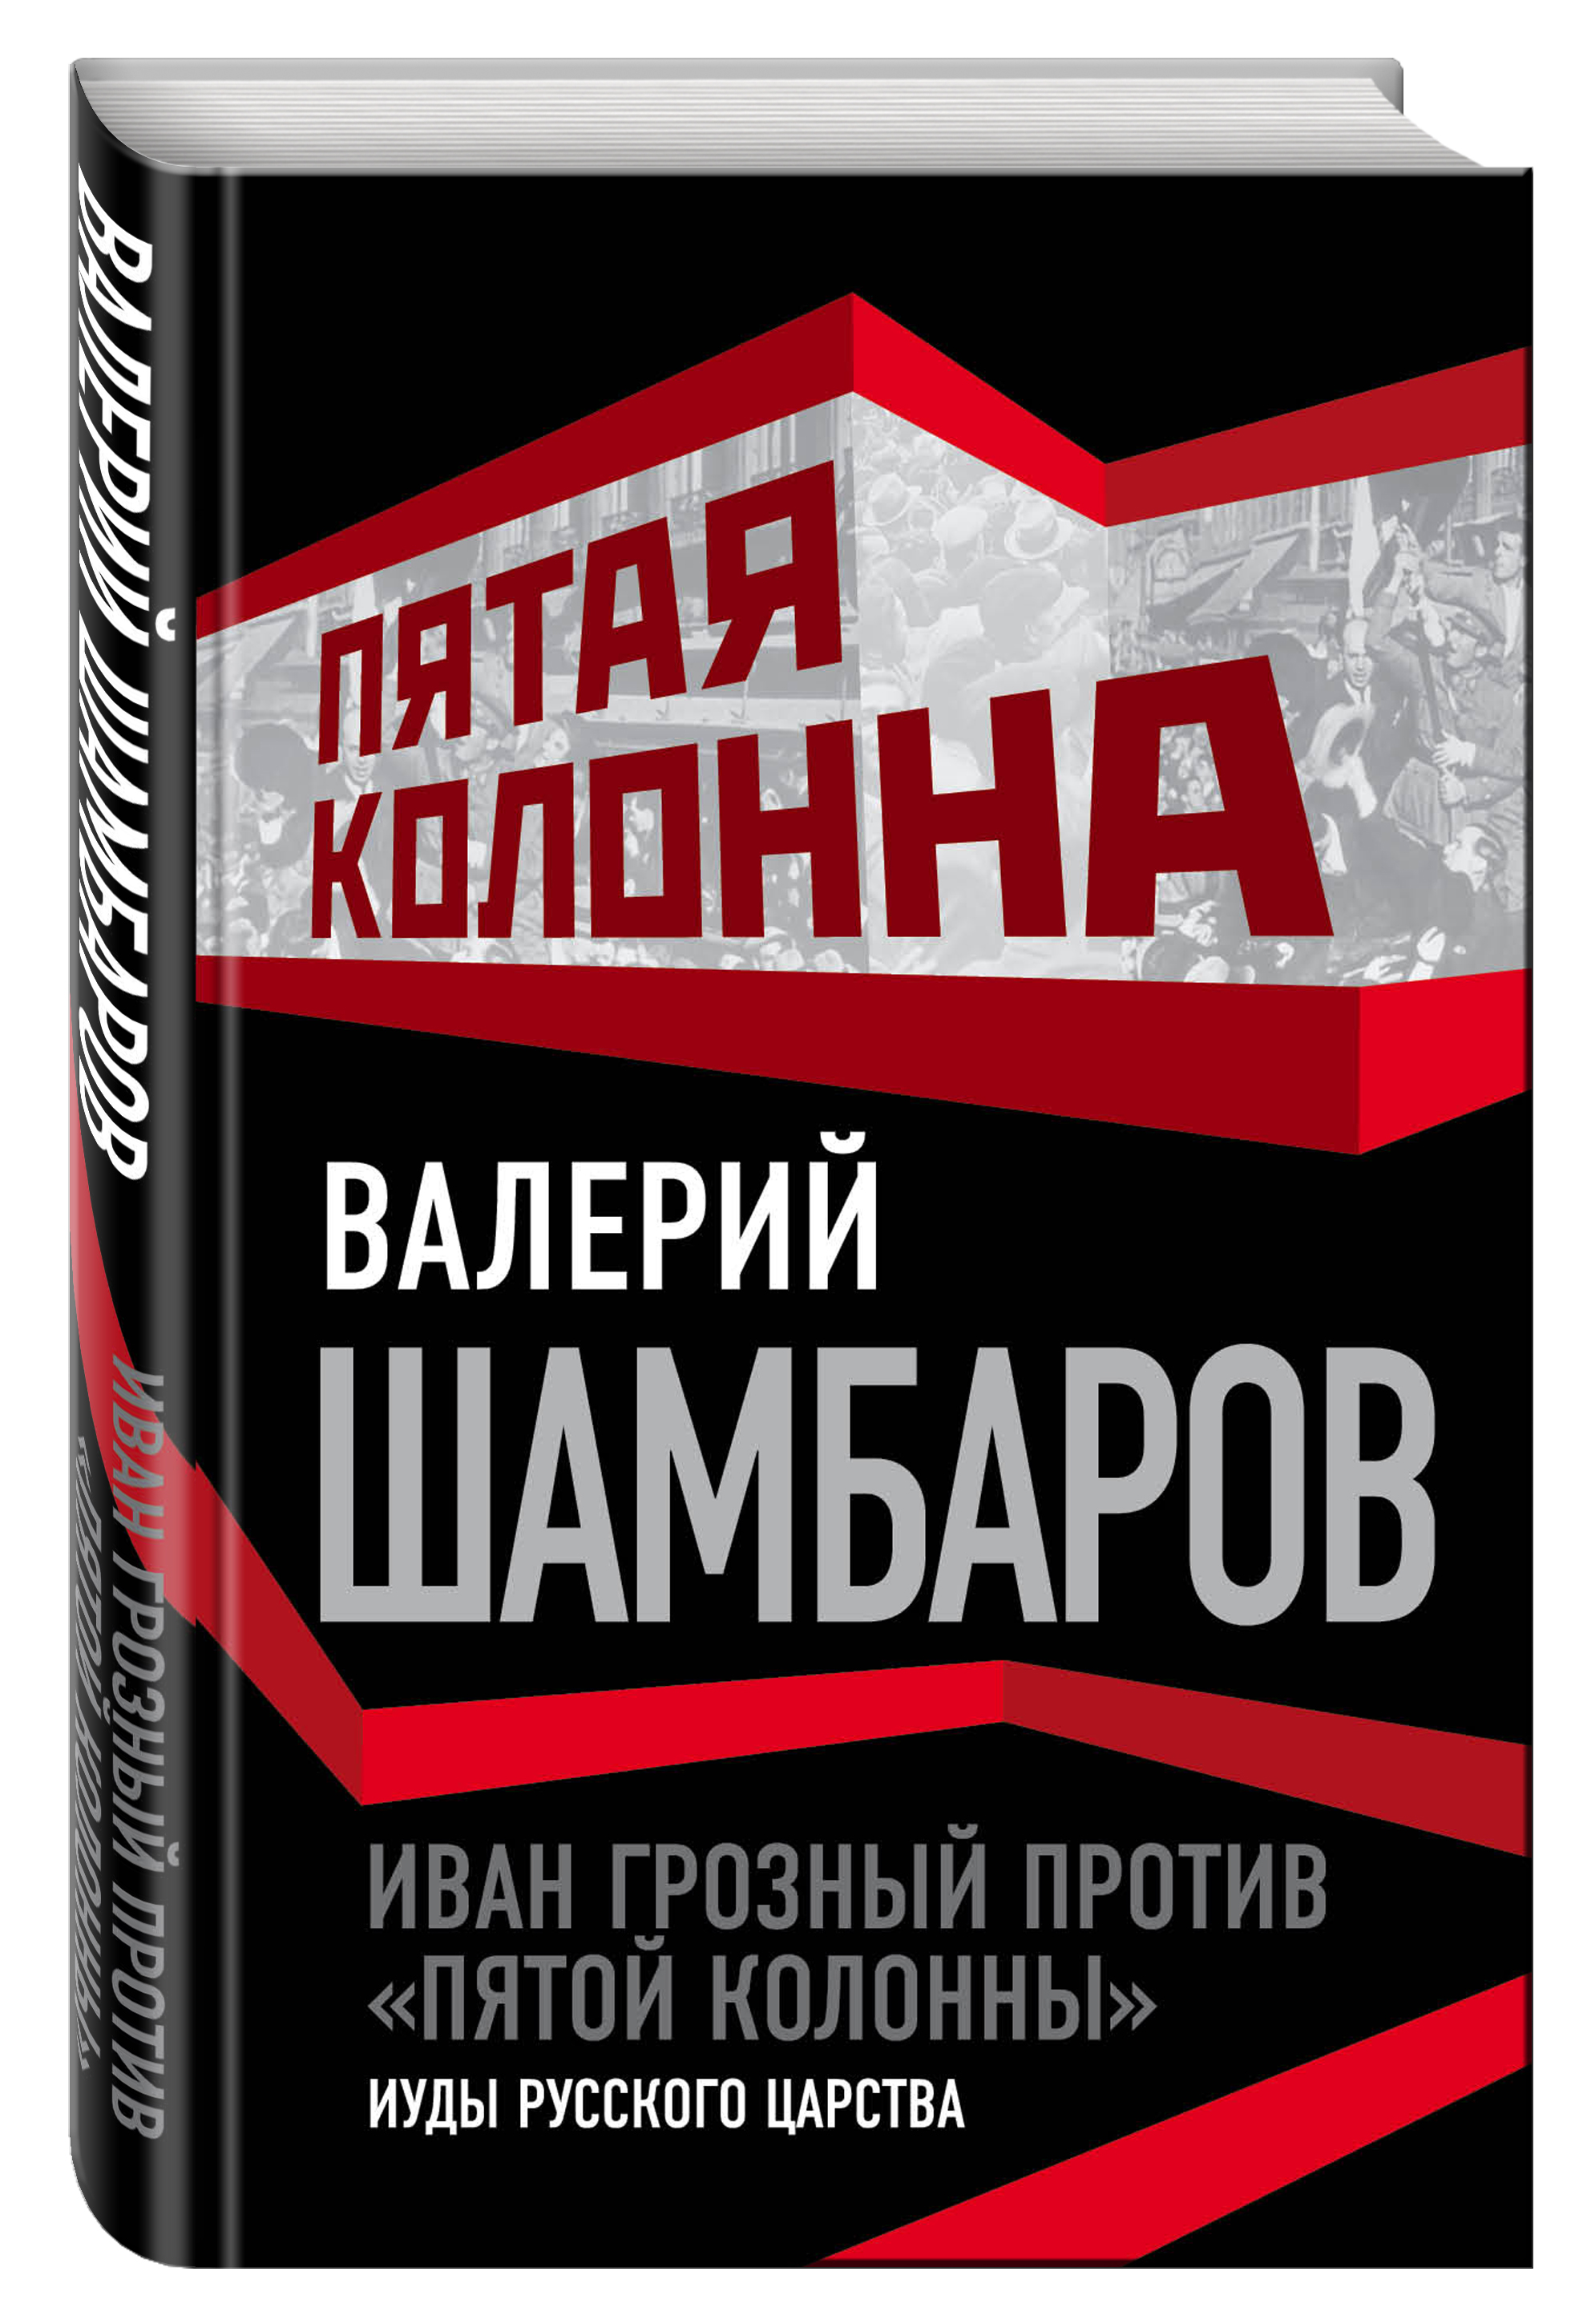 Шамбаров В.Е. Иван Грозный против пятой колонны. Иуды русского царства